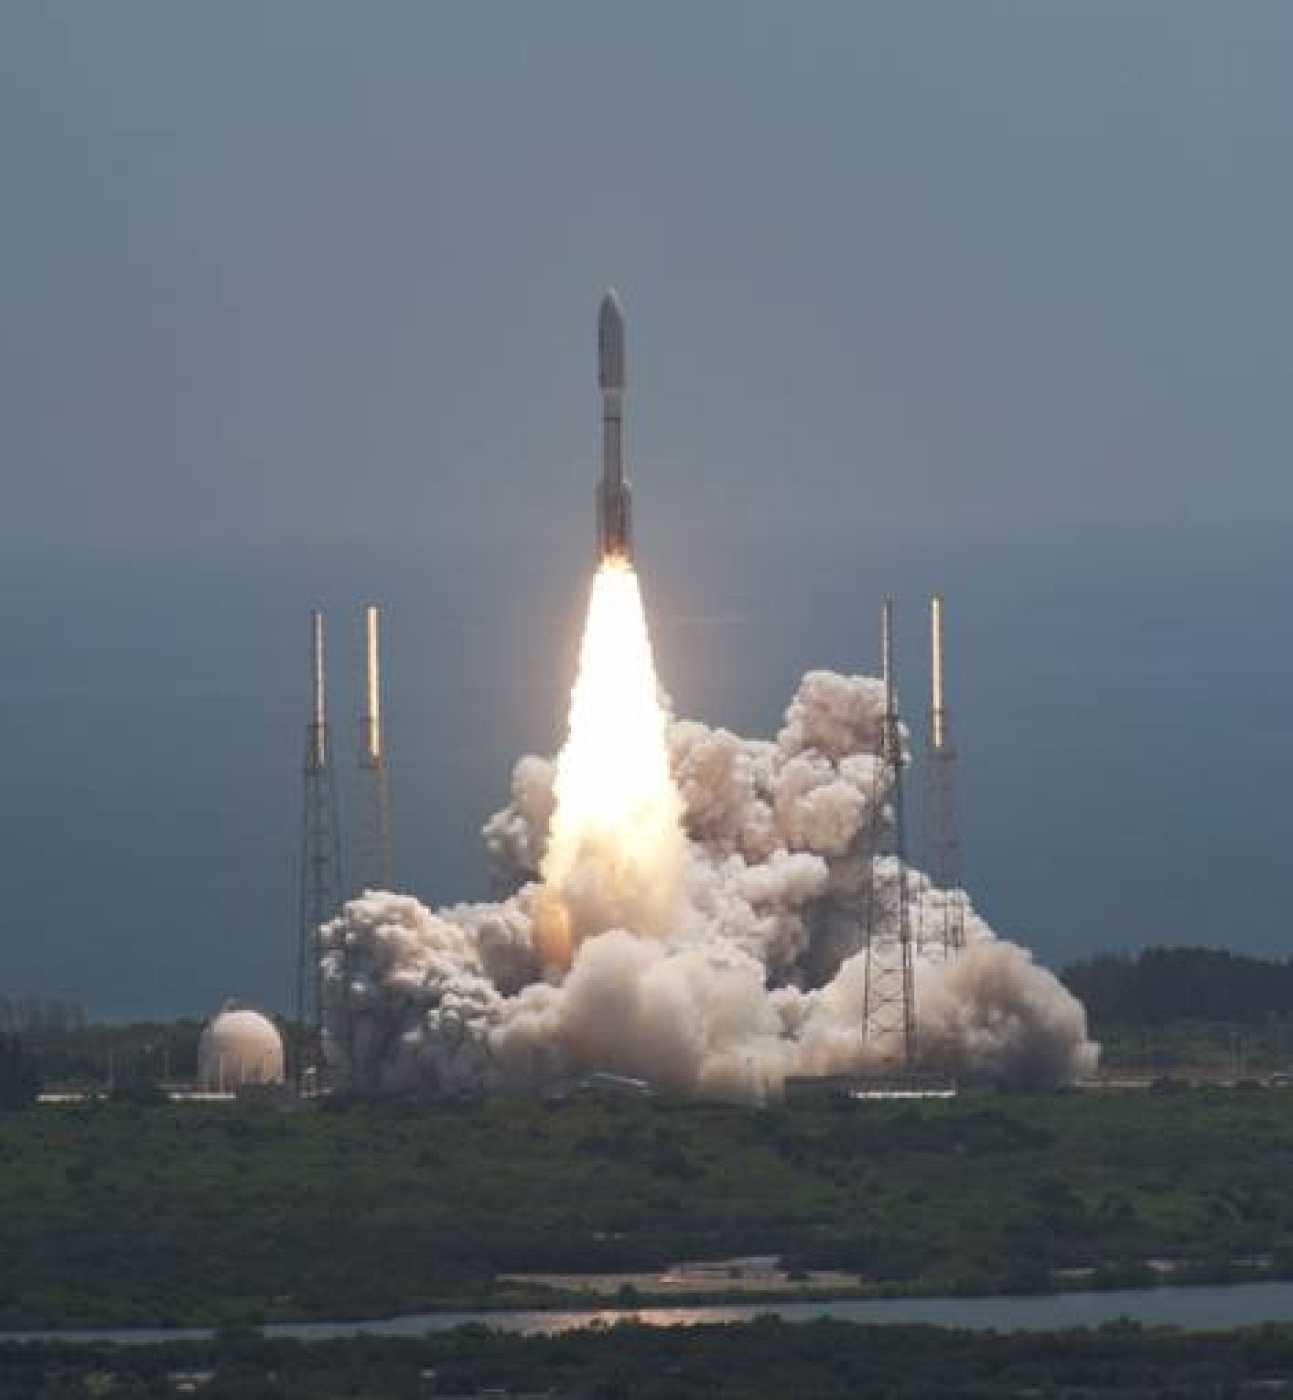 El combustible de los cohetes podría estar compuesto de amoníaco, una de las sustancias químicas de la orina